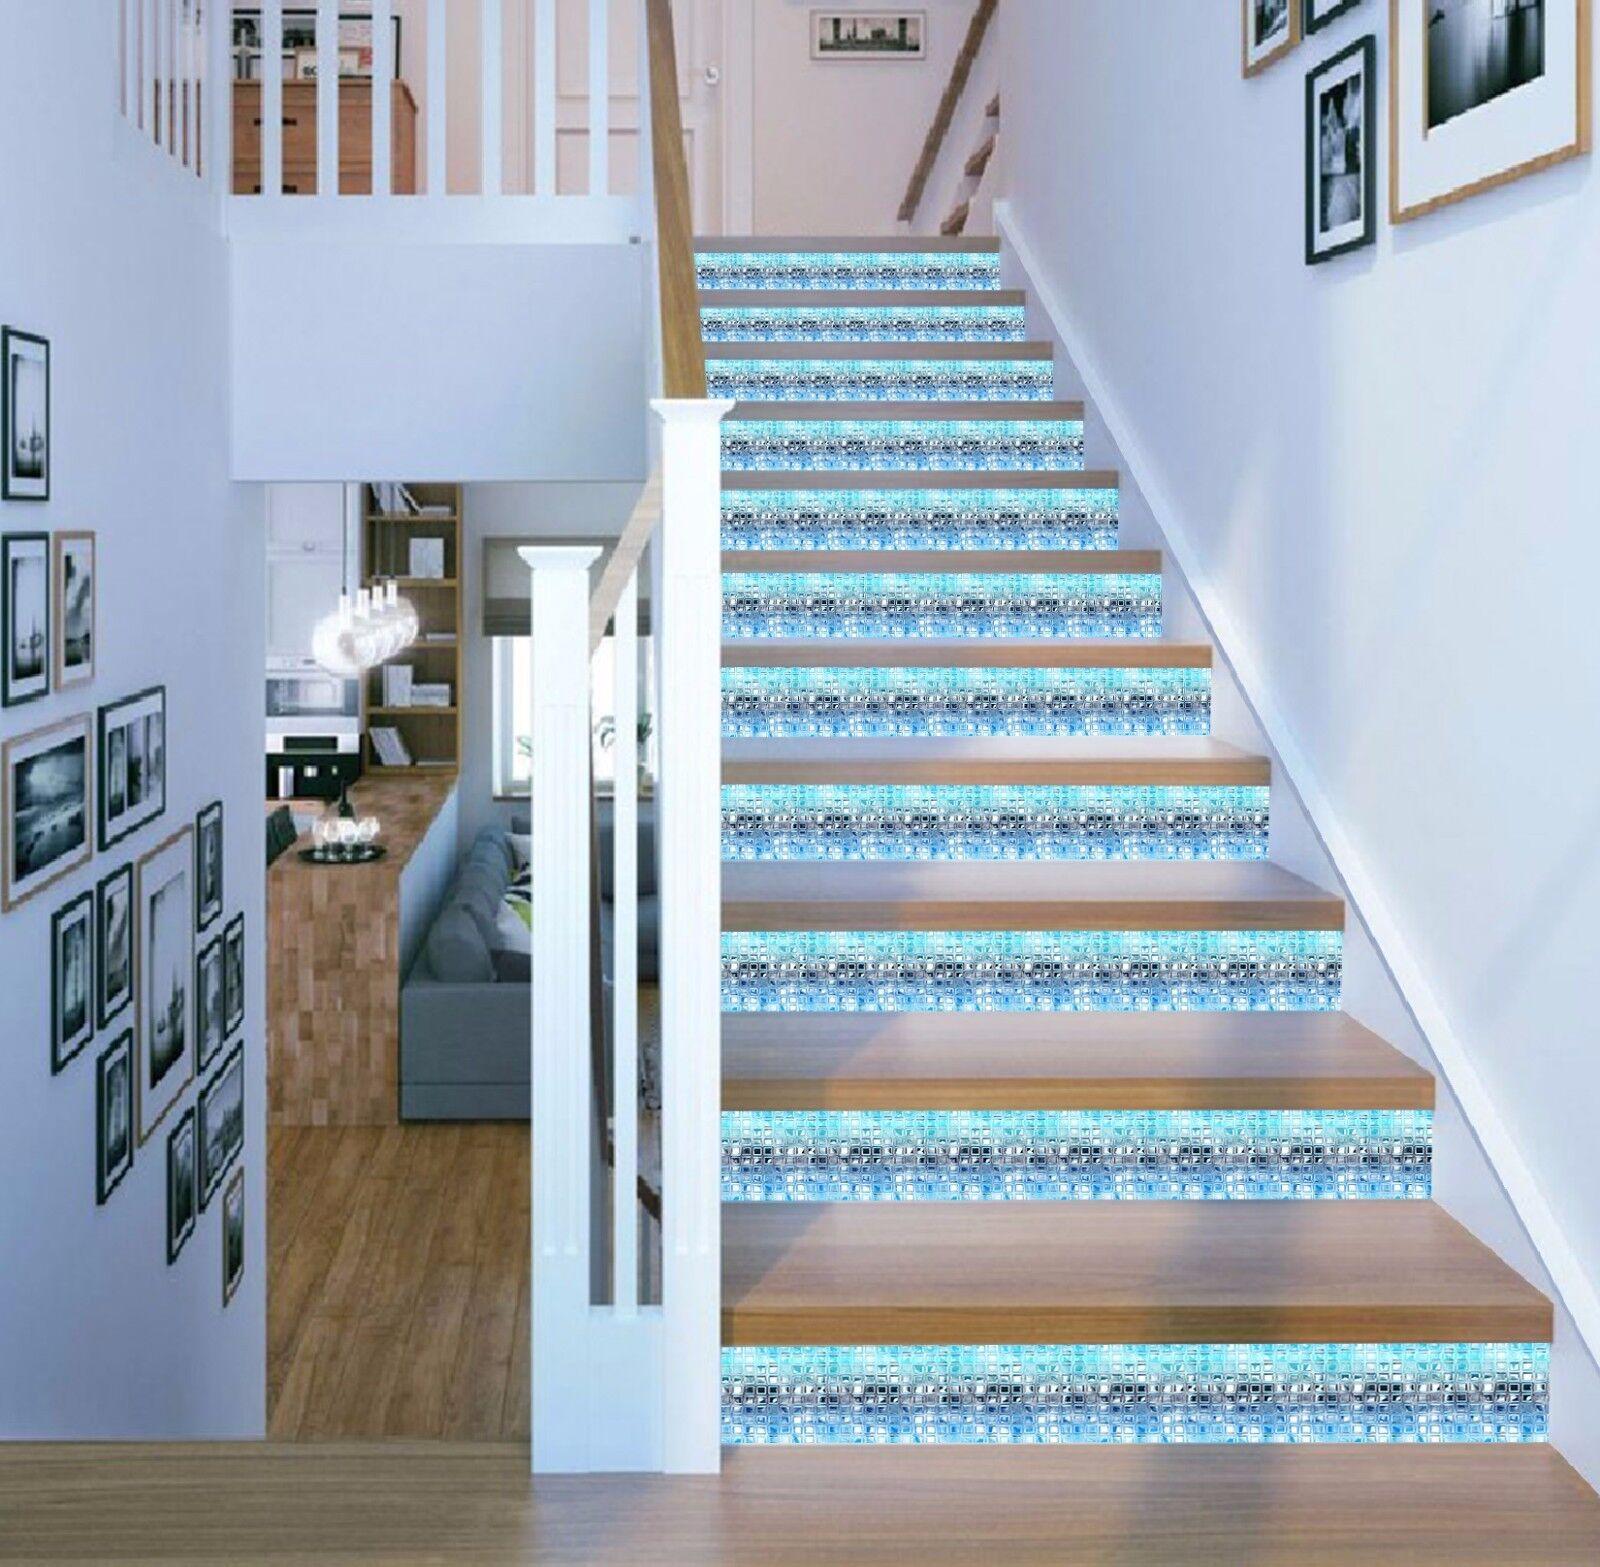 3D Helle Muster 386 Stair Risers Dekoration Fototapete Vinyl Aufkleber Tapete DE